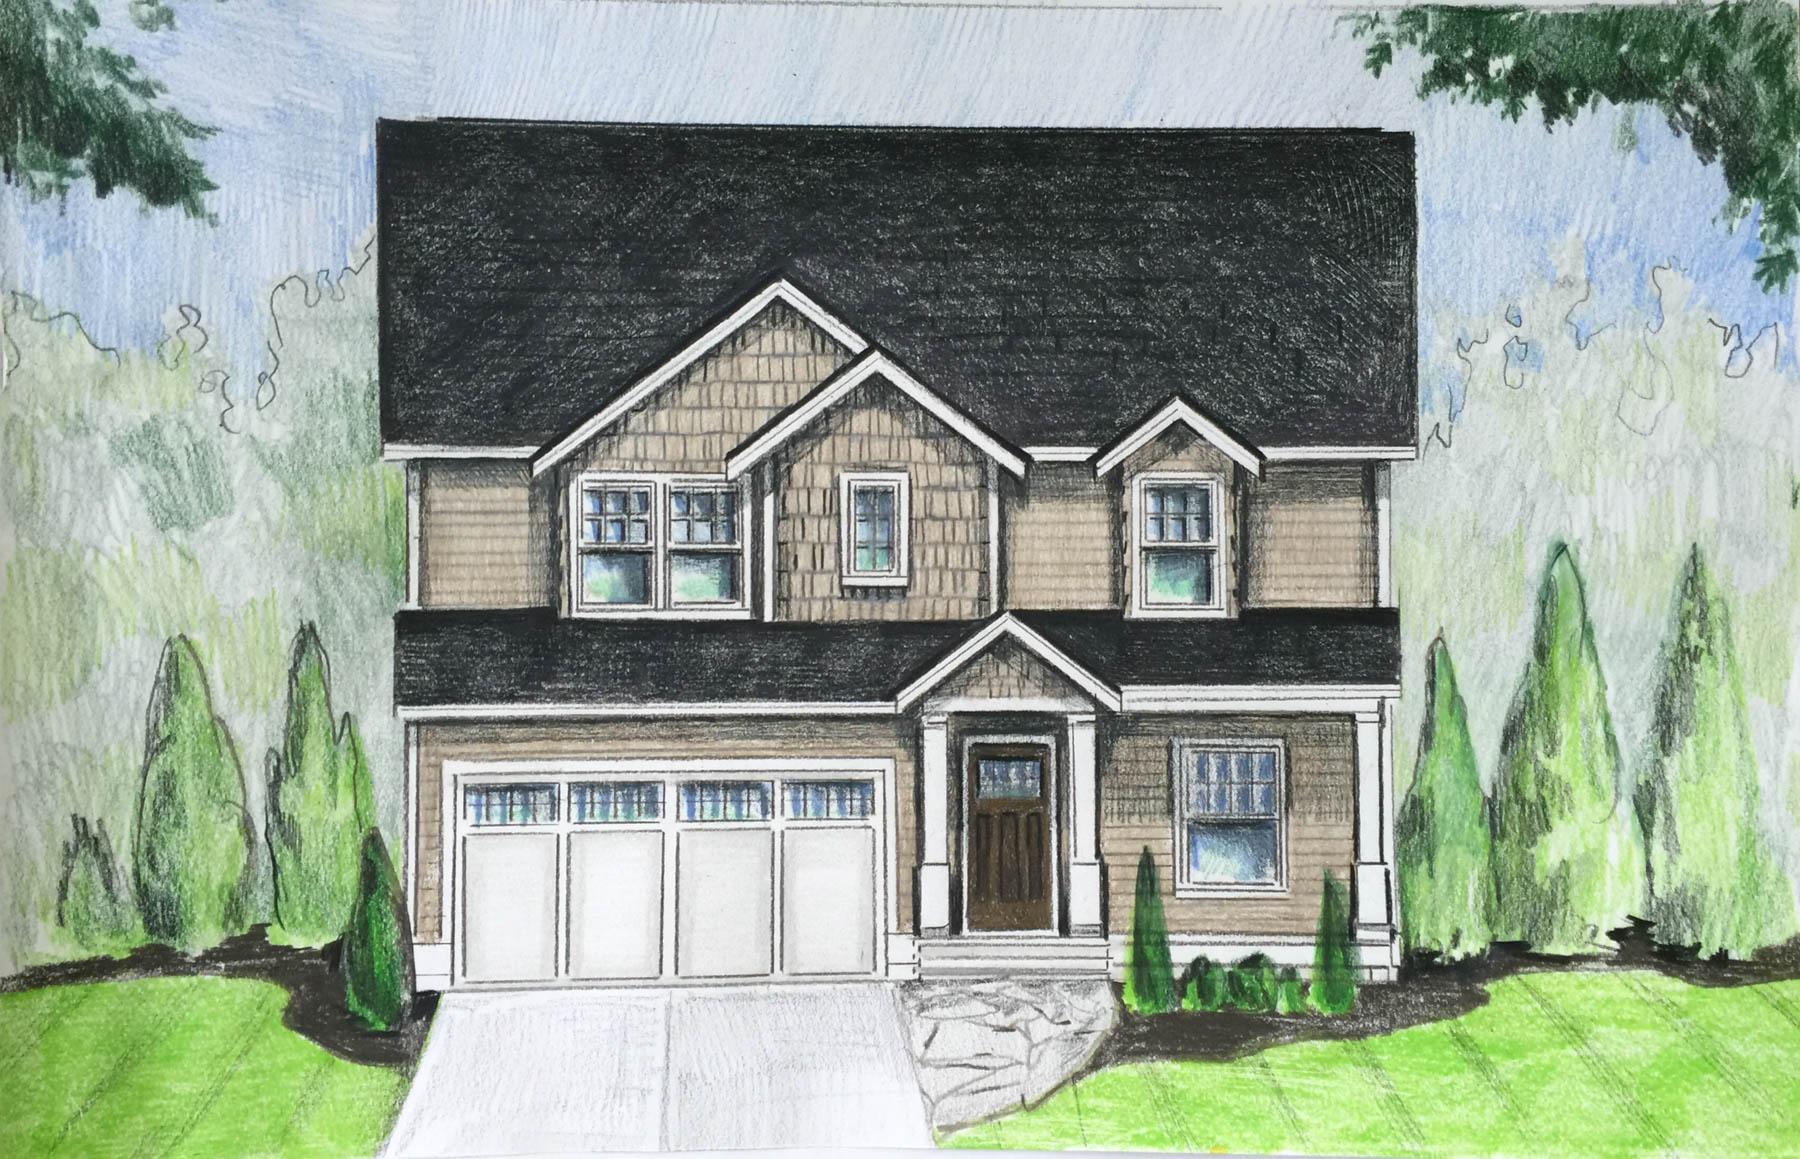 Single Family Home for Sale at Seekamp Ave 411 Seekamp Ave Kirkwood, Missouri 63122 United States